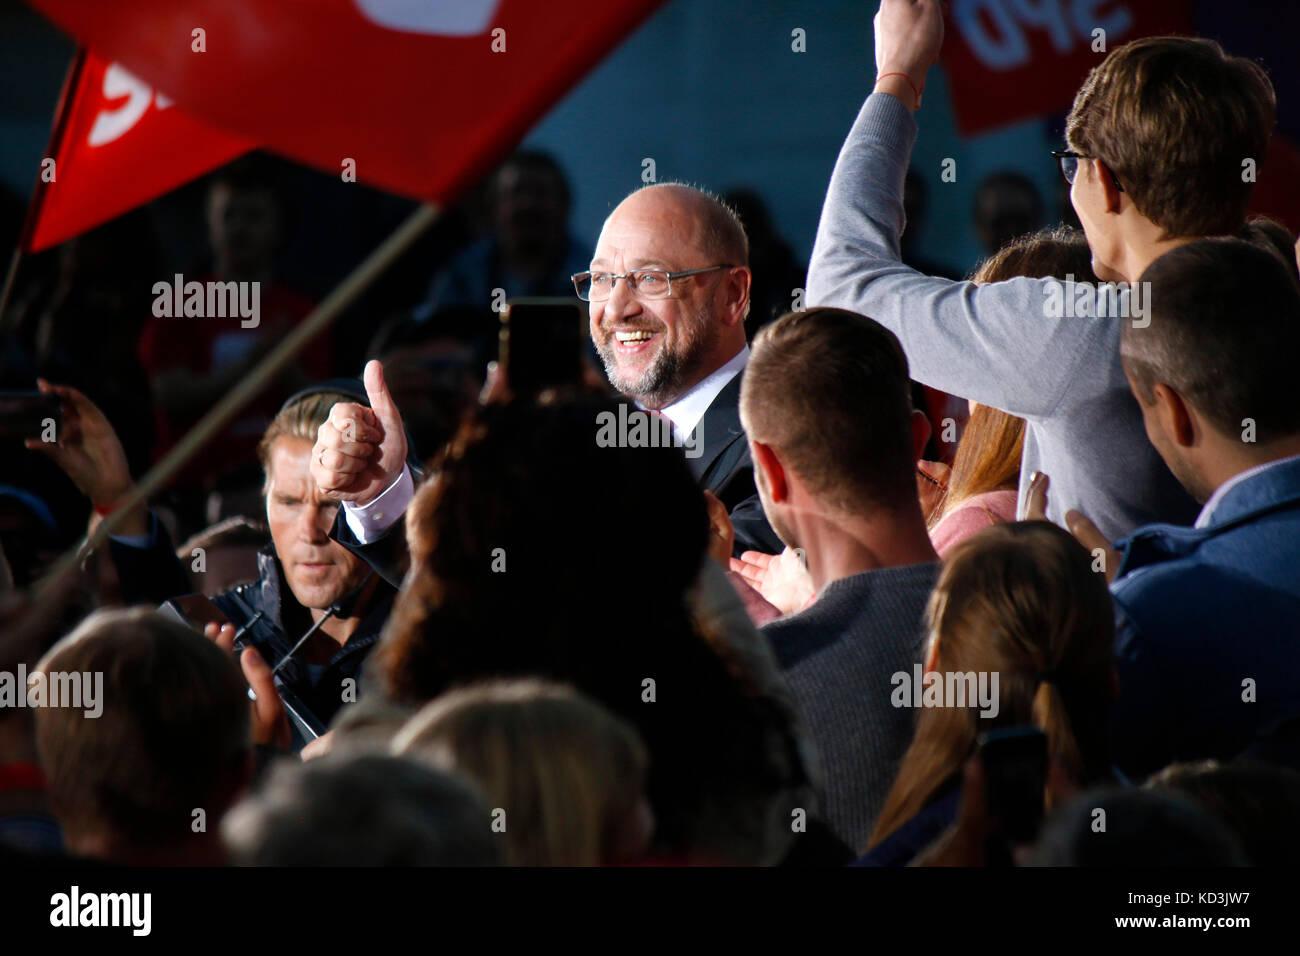 Martin Schulz - Wahlkampfauftritt des Kanzlerkandidaten der SPD, Gendarmenmarkt, 12. September 2017, Berlin. - Stock Image